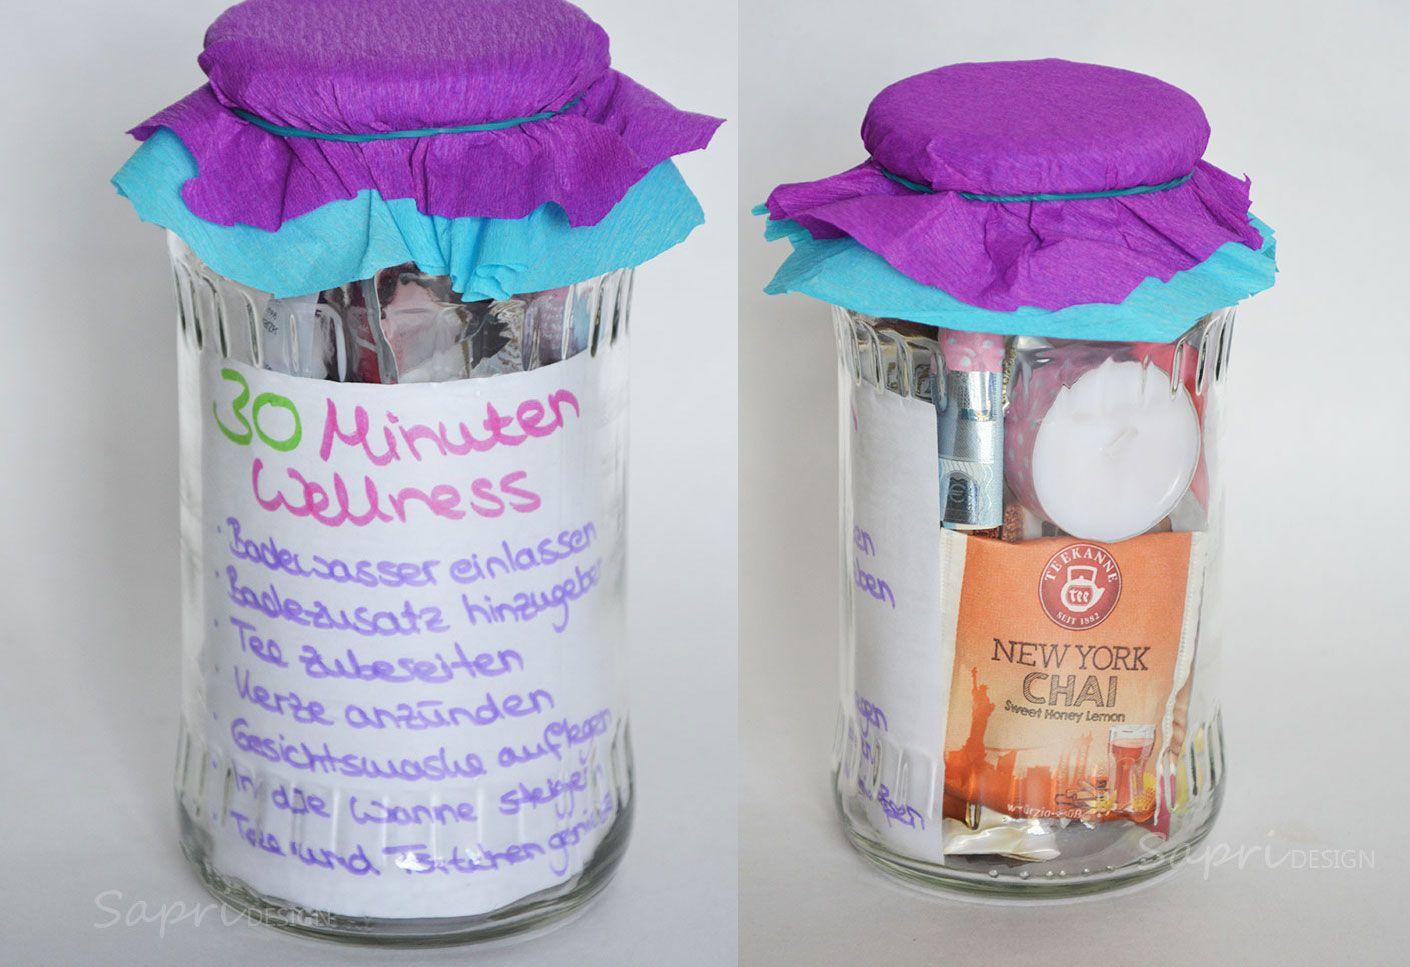 DIY-Geschenkidee - 30 Minuten Wellness-Set im Glas - SAPRI-Design #wellnessimglas